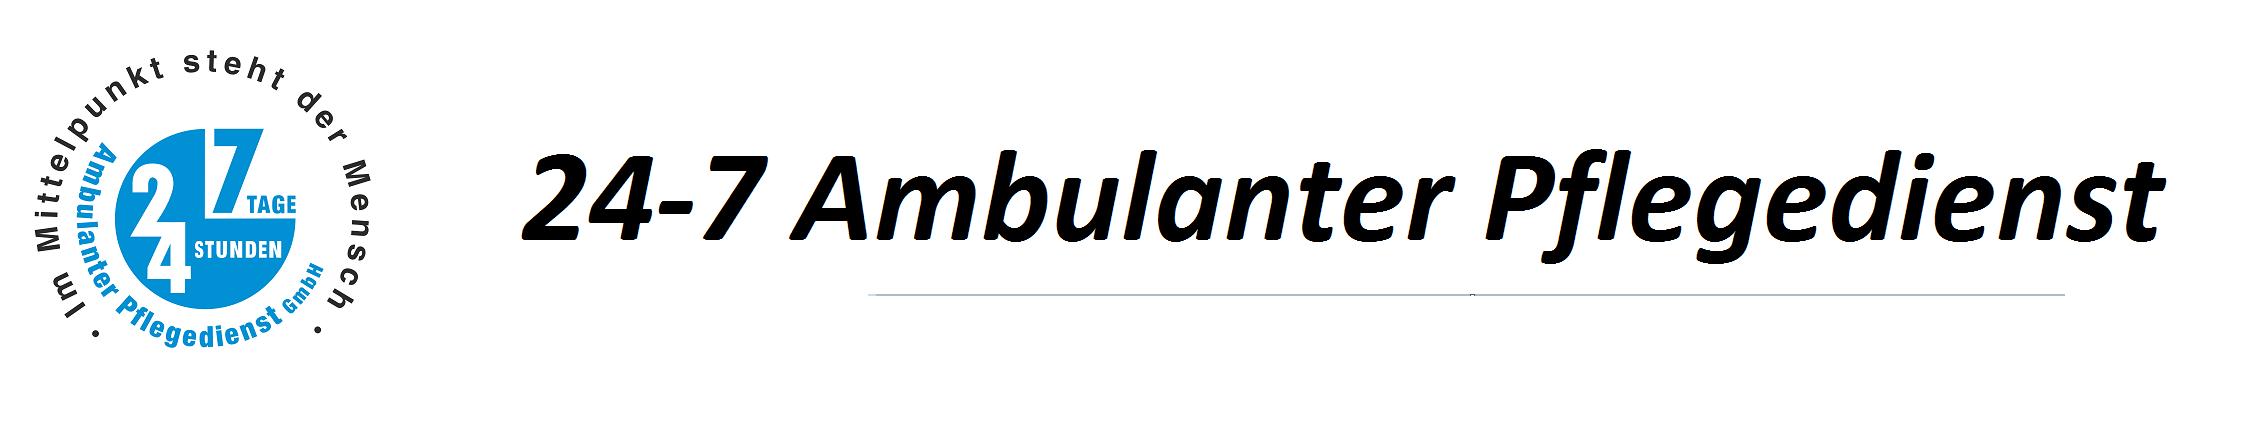 24-7 Ambulanter Pflegedienst